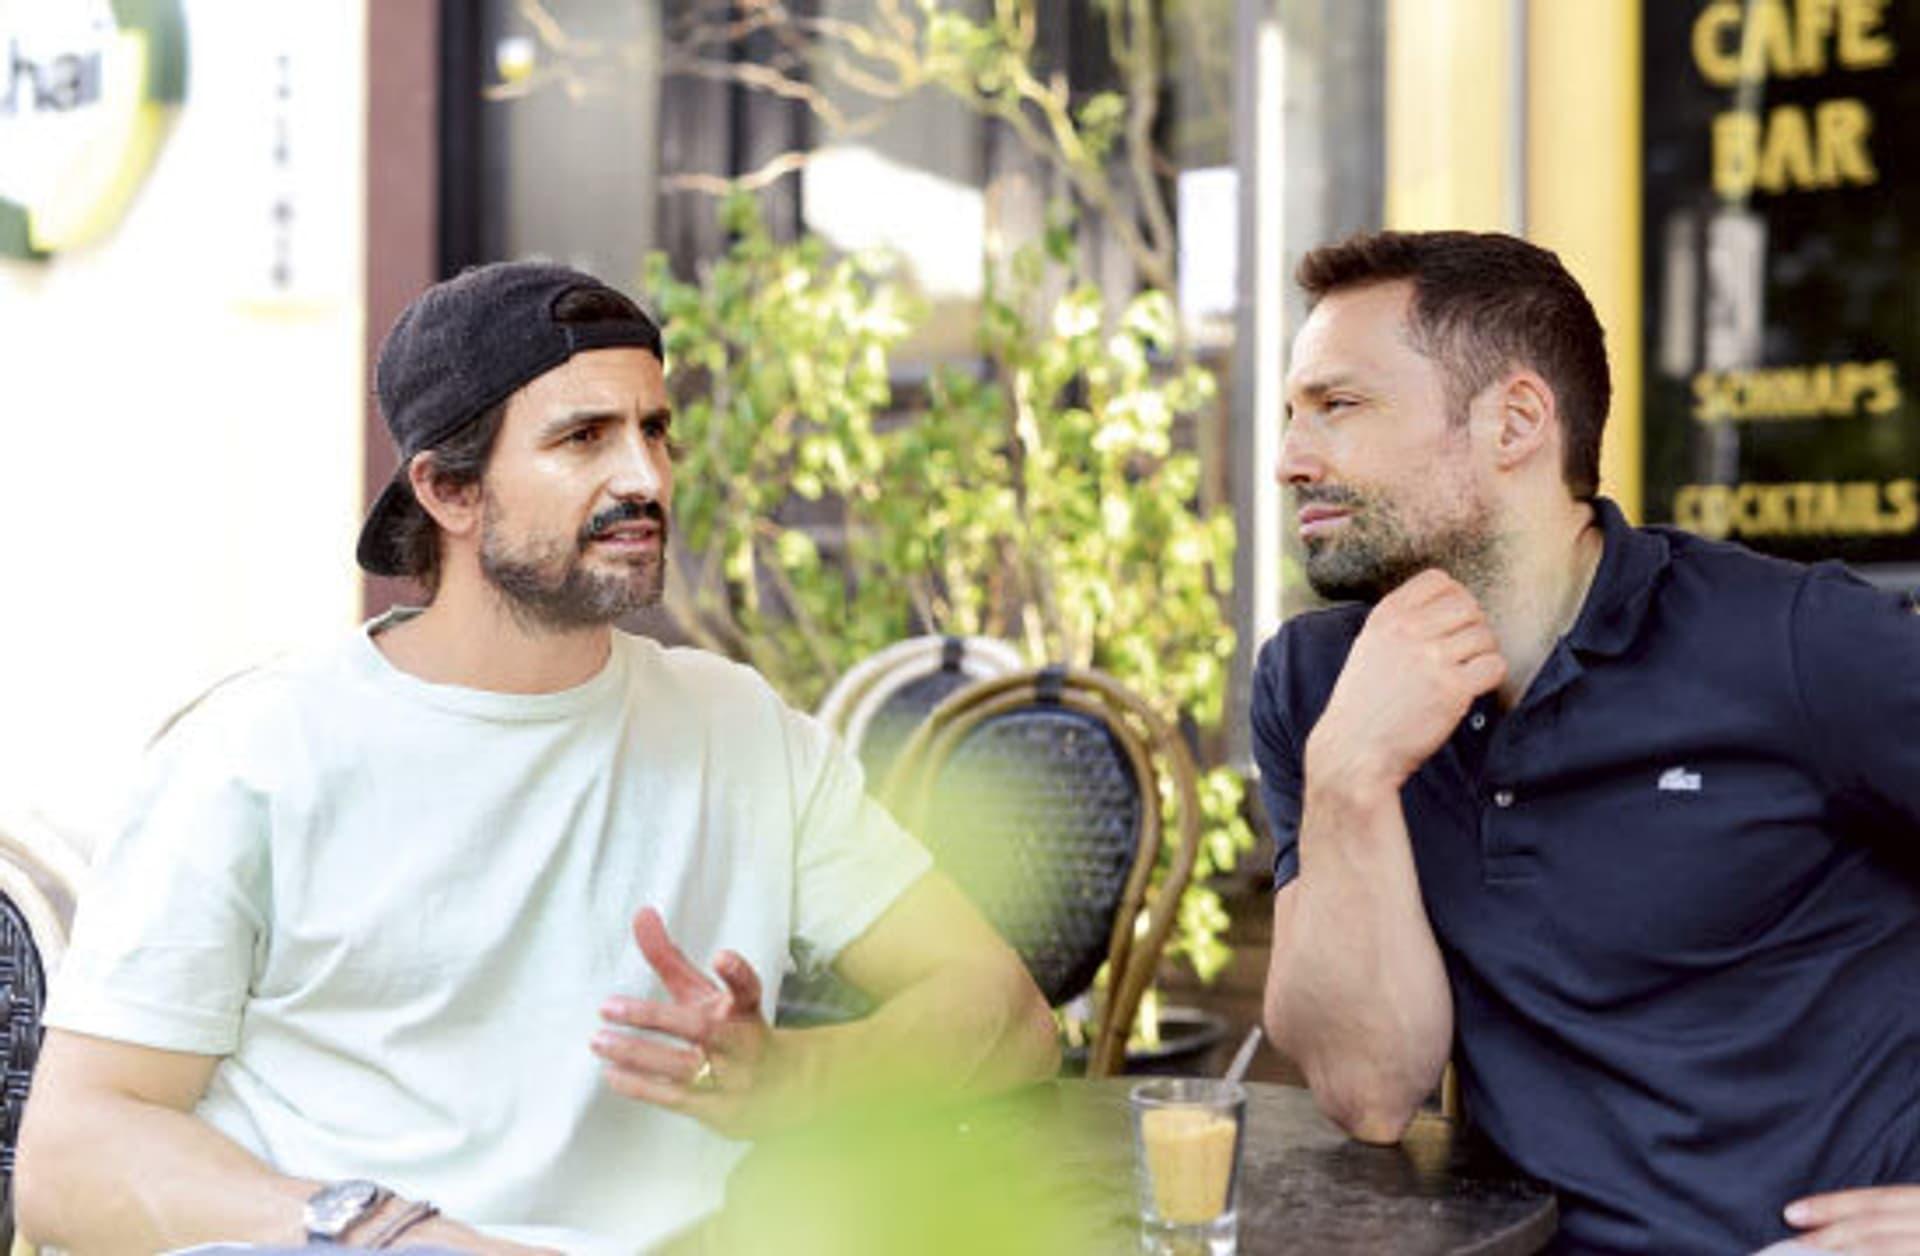 Schauspieler Tom Beck und Schrot & Korn Autor Renato Leo sitzen zusammen in einem Cafe und unterhalten sich.